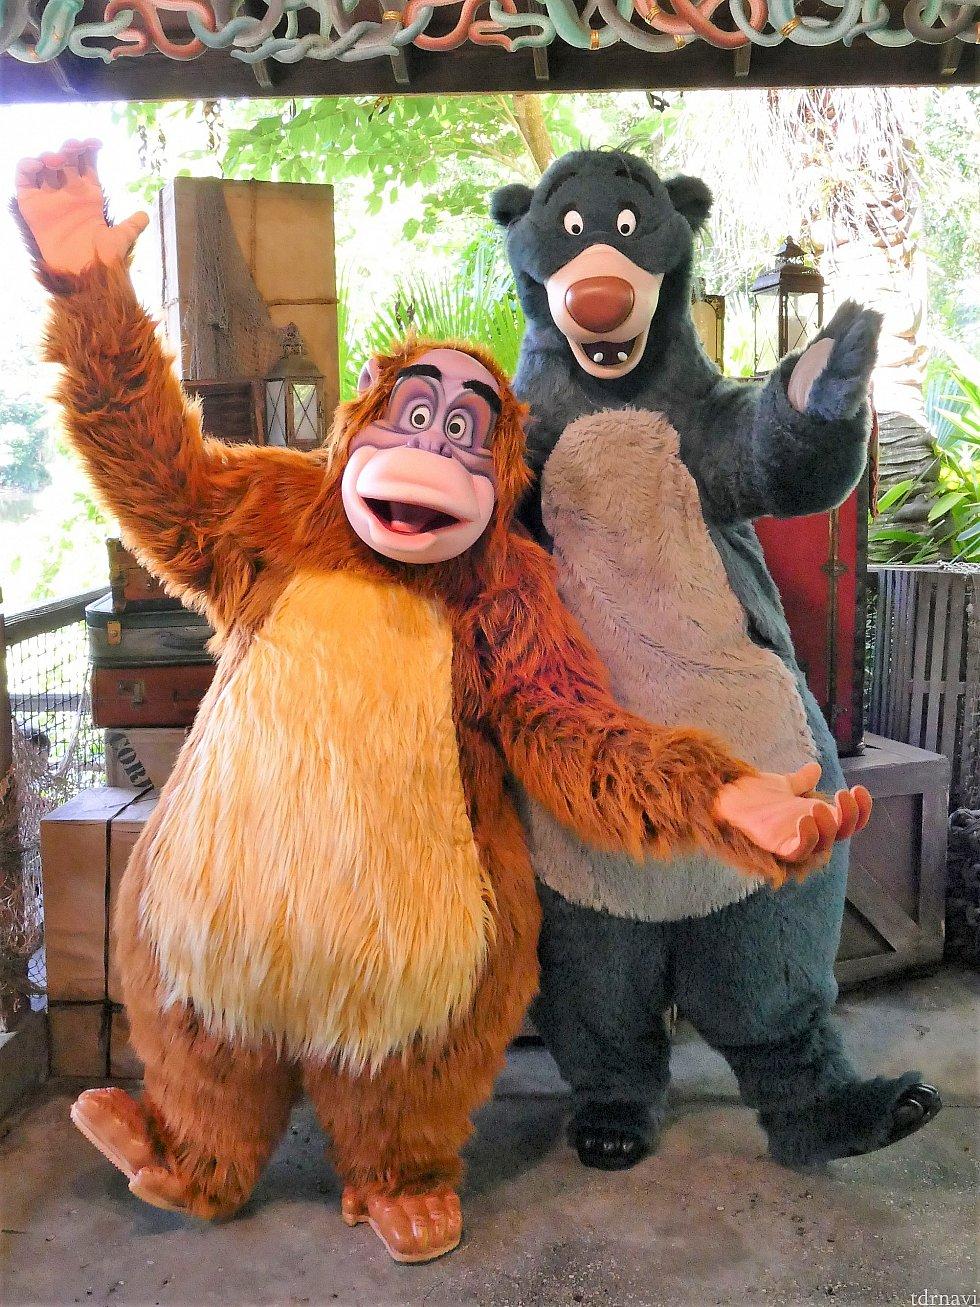 バルーとキングルーイは大人気!20分ほど待ちました(*_*)二人とも陽気で楽しそうにしていました♪